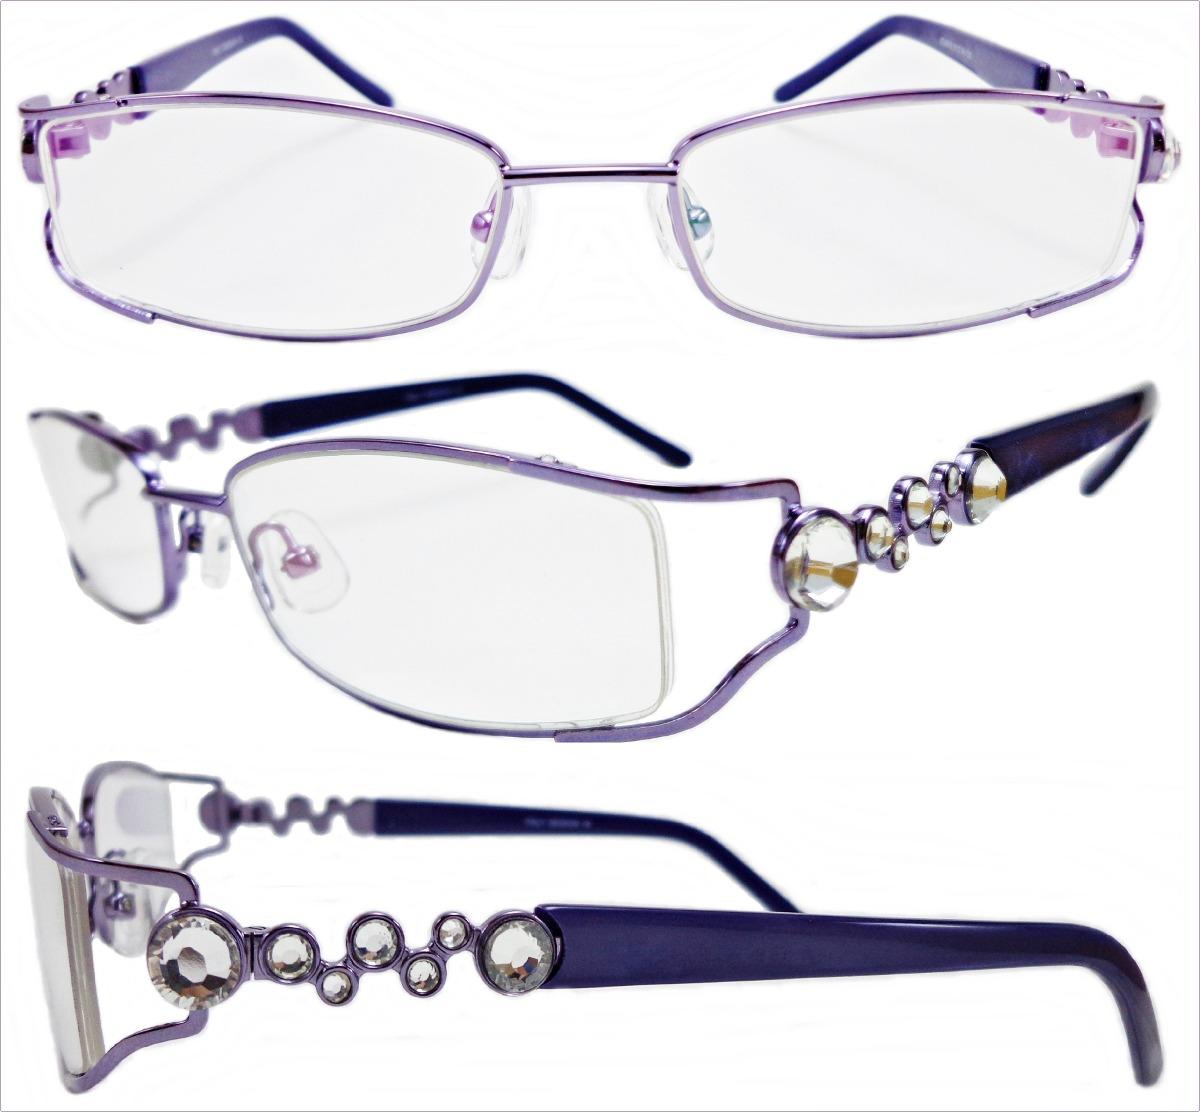 75f18da33abc9 armação para óculos de grau feminino f13 pronta entrega. Carregando zoom.